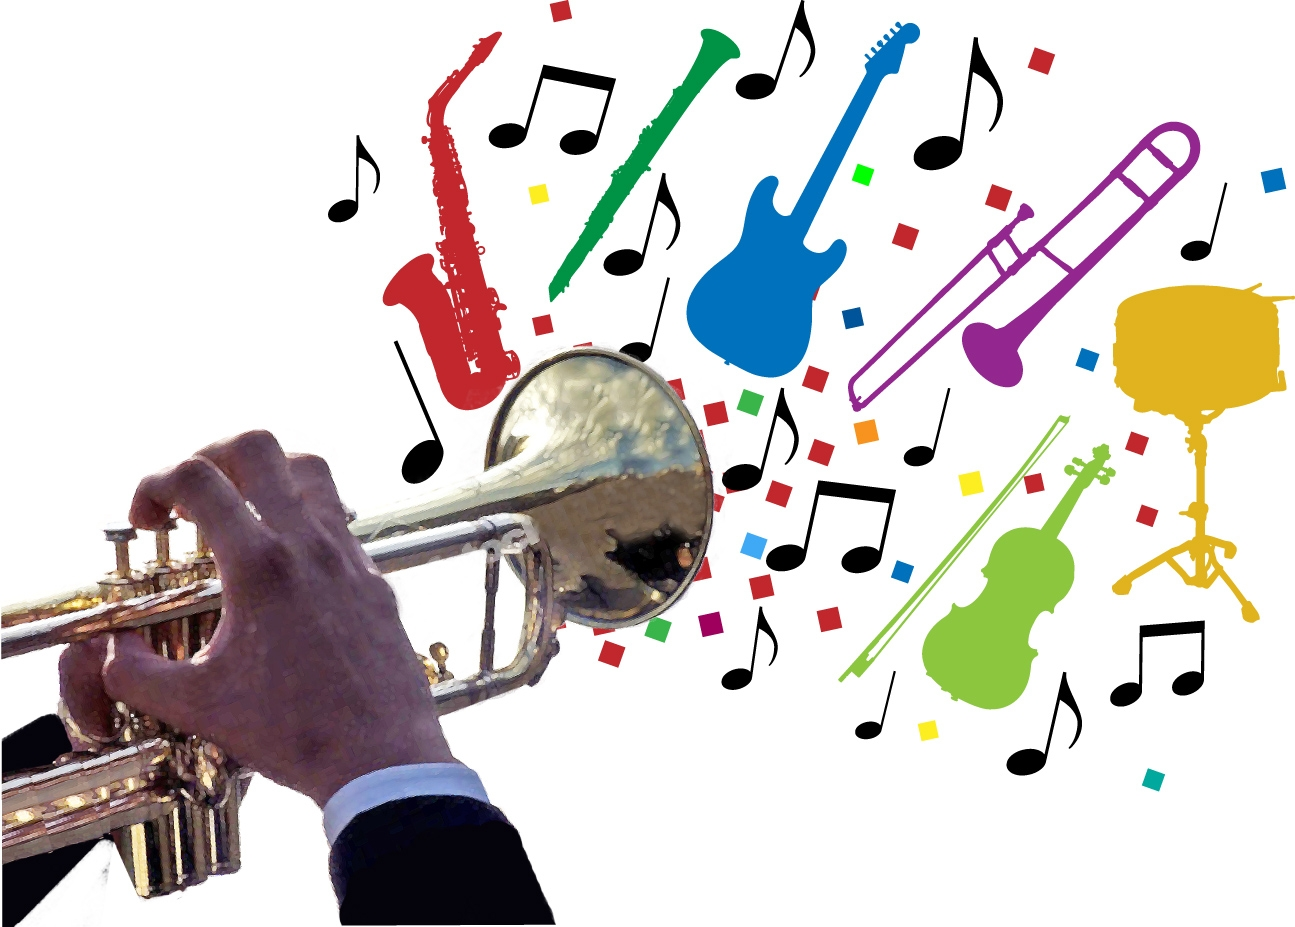 Free Big Concert Cliparts, Download Free Clip Art, Free Clip.